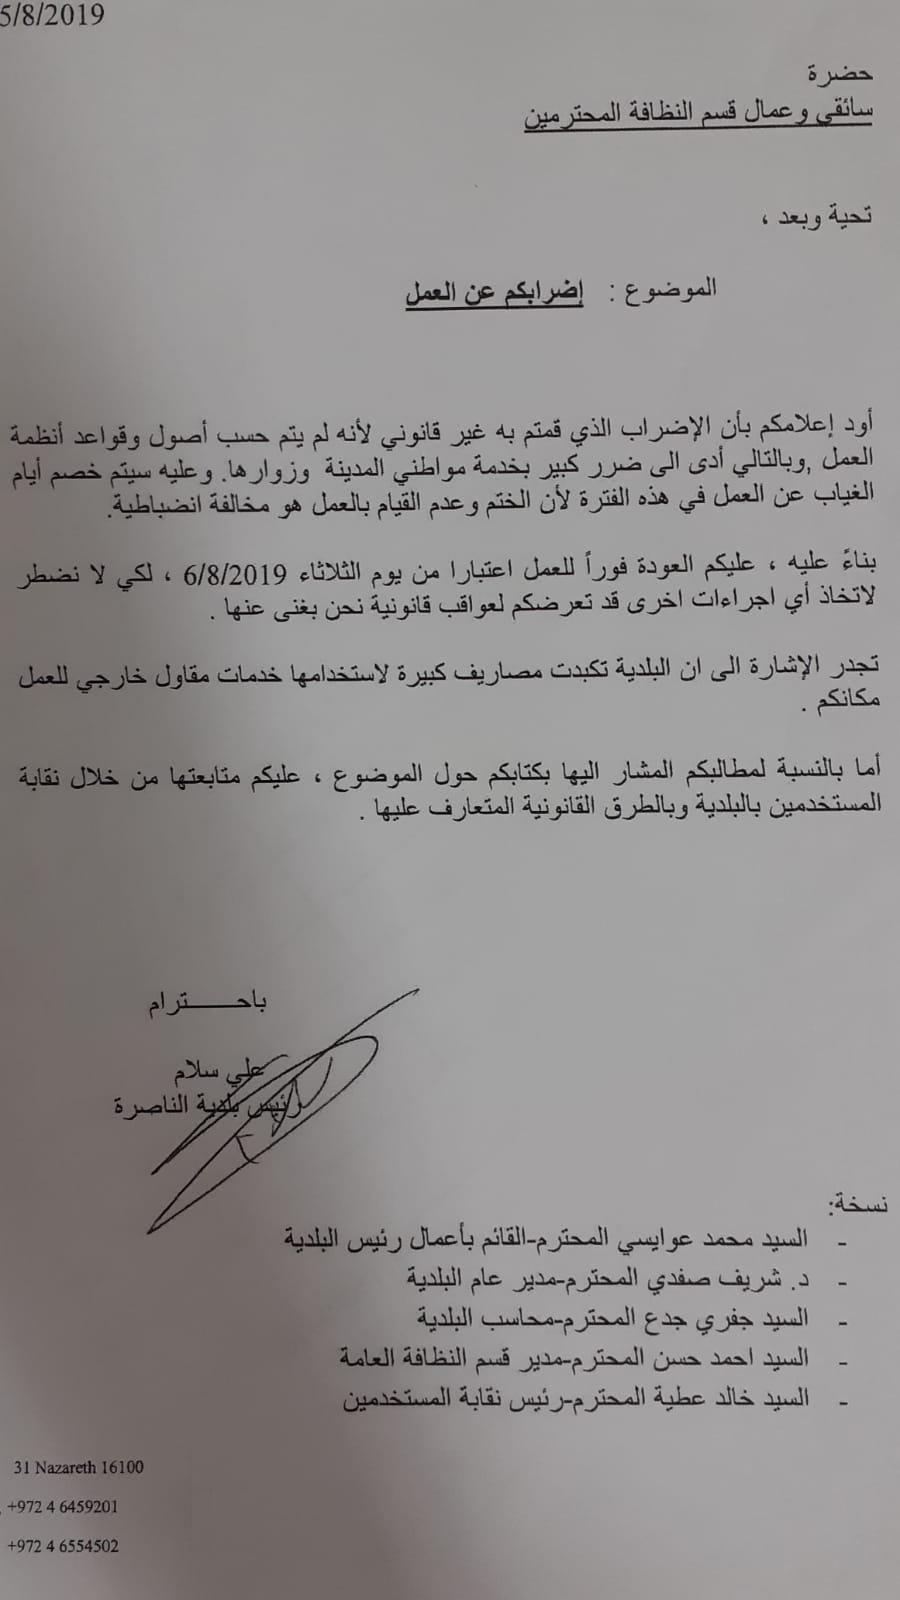 الناصرة: استمرار اضراب عمال النظافة وشرارة يعقب: خطة اشفاء ولن نأكل حقوق موظفي النظافة